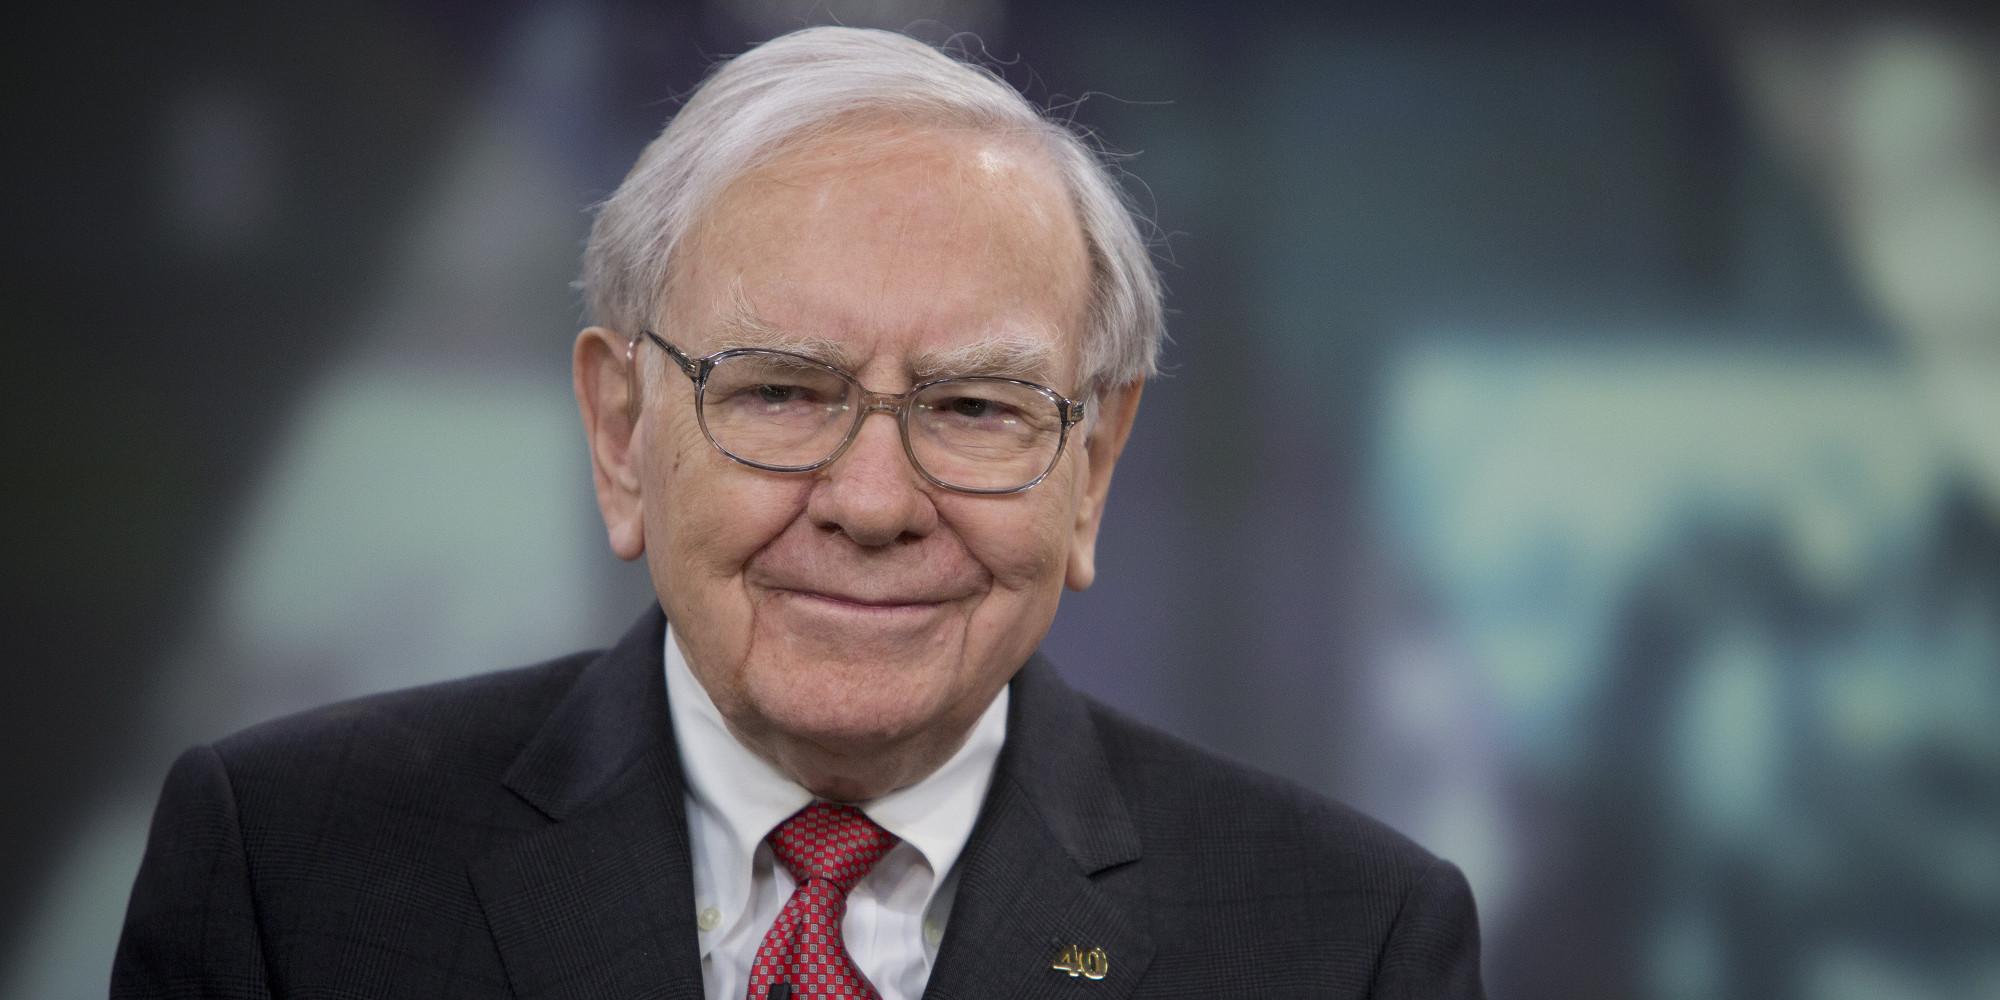 Warren Buffet La segunda persona más rica del mundo